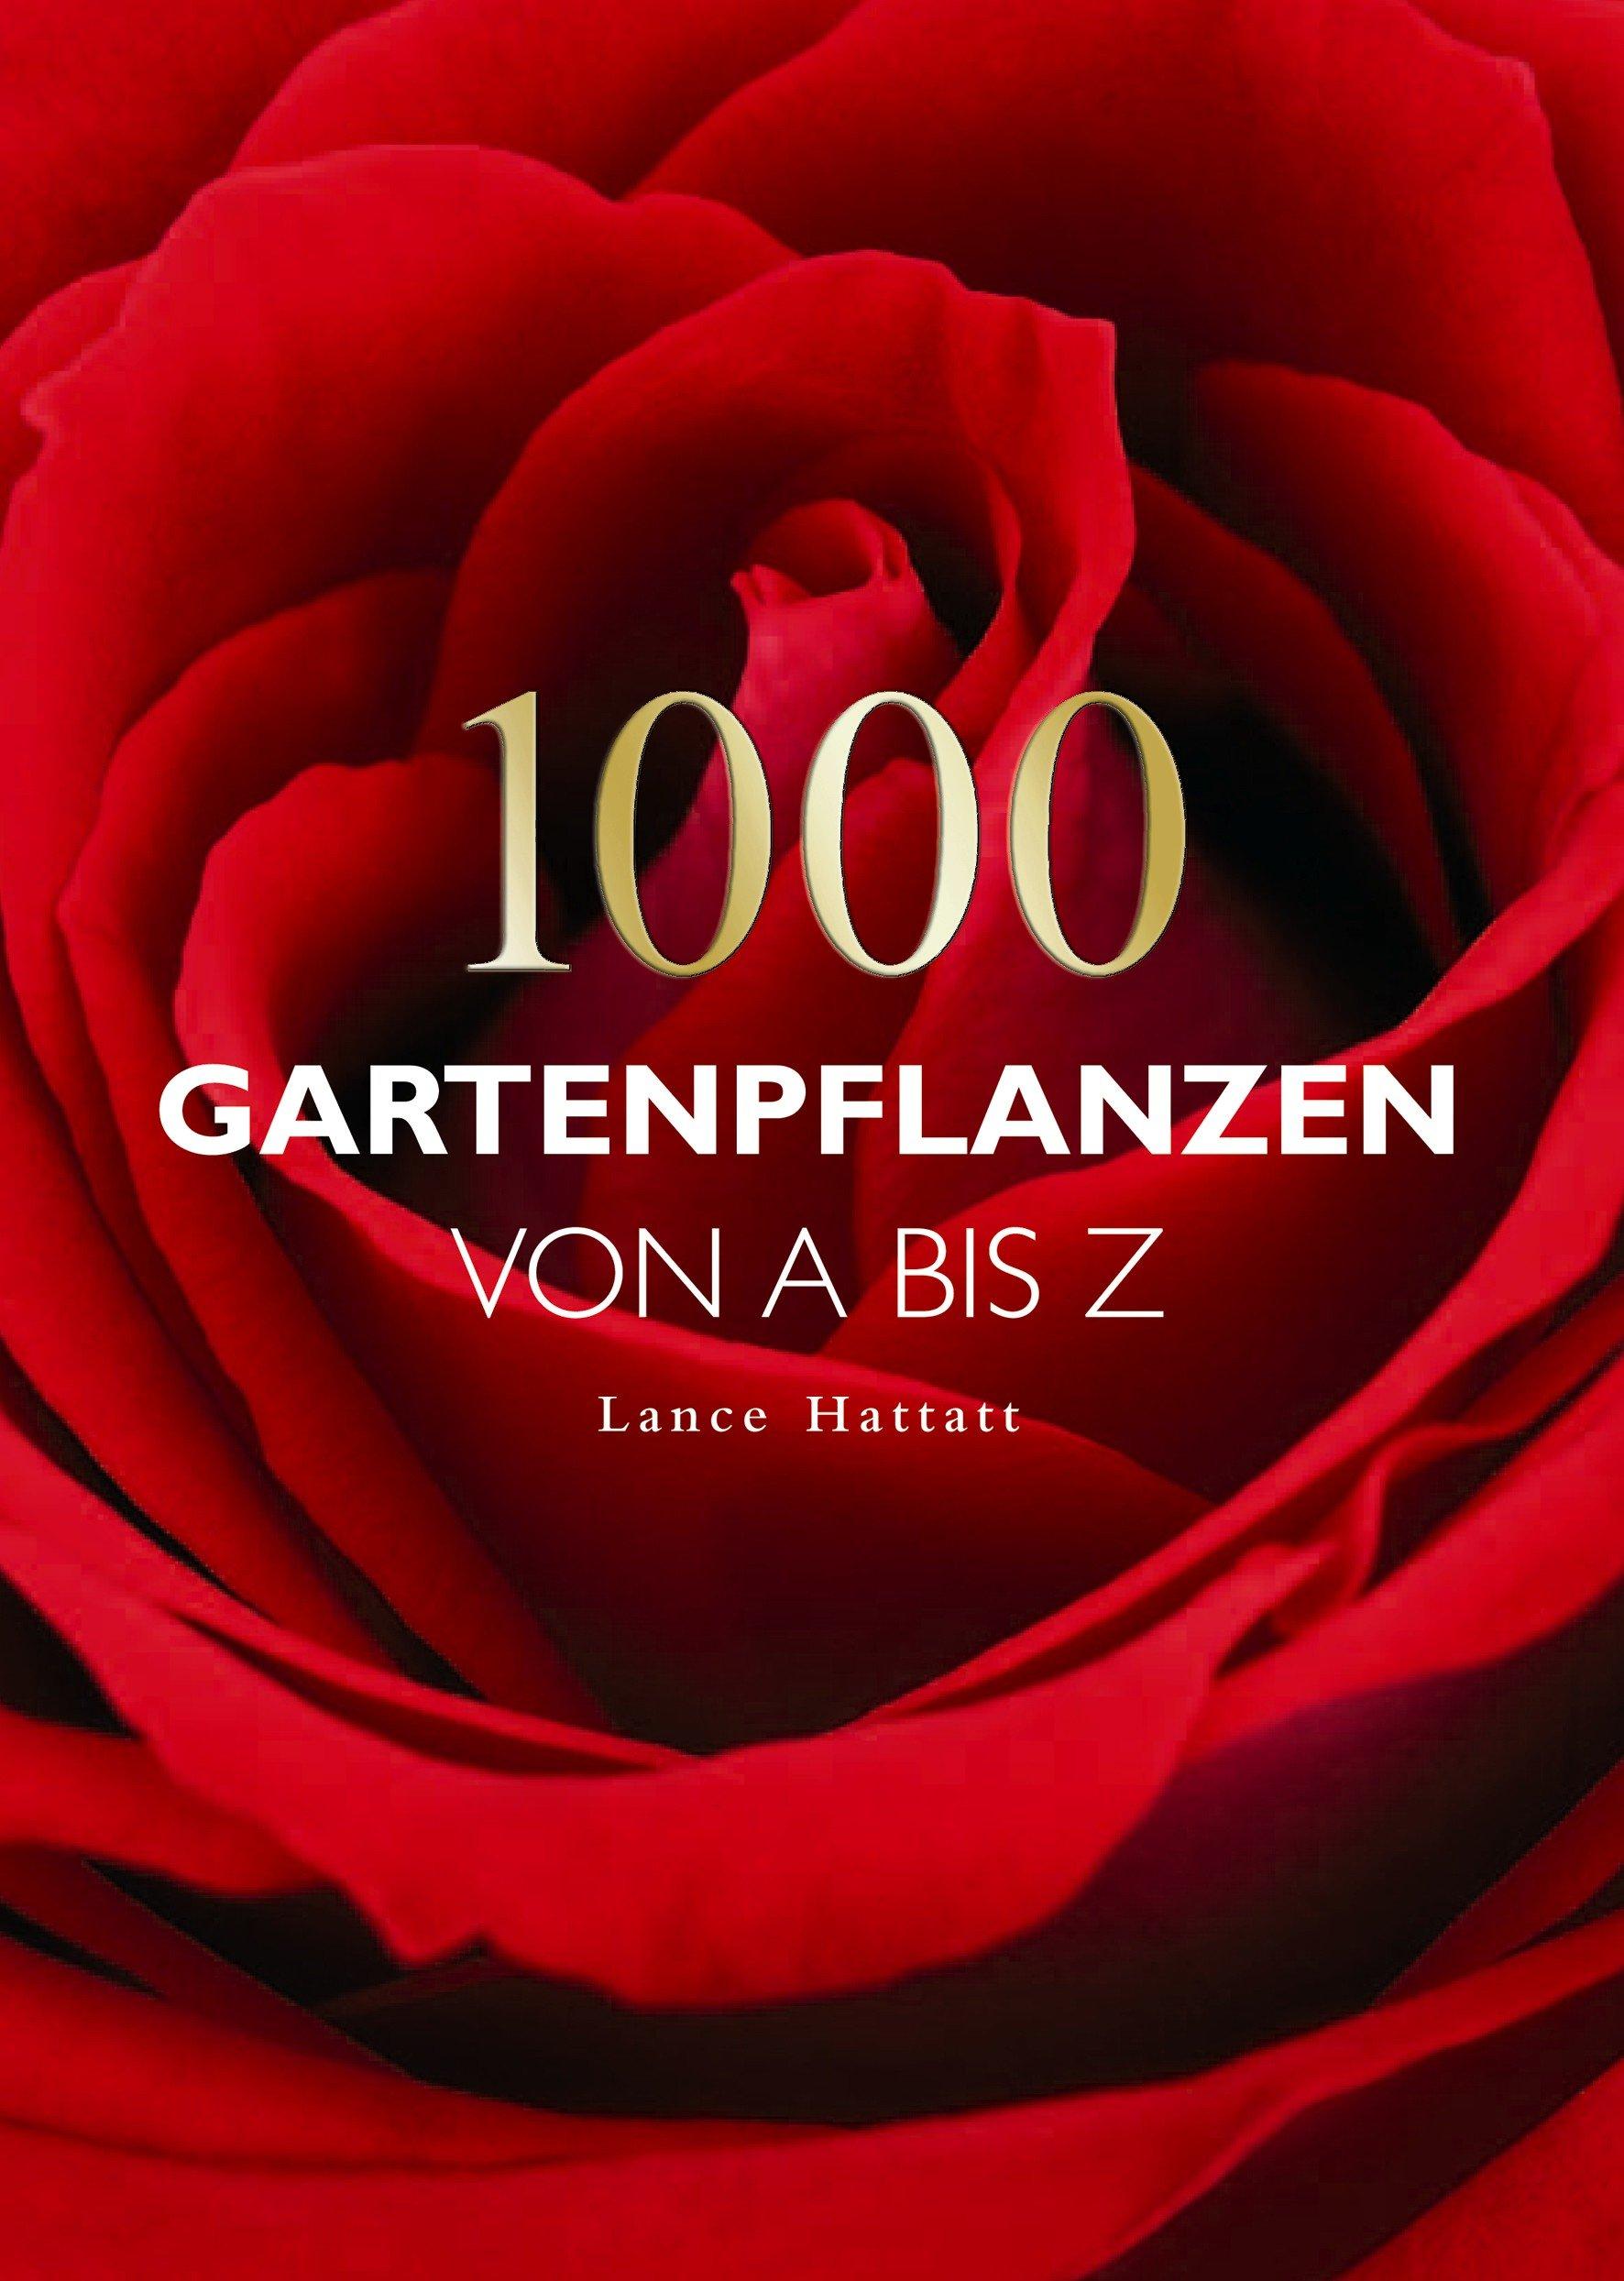 1000 Gartenpflanzen von A bis Z